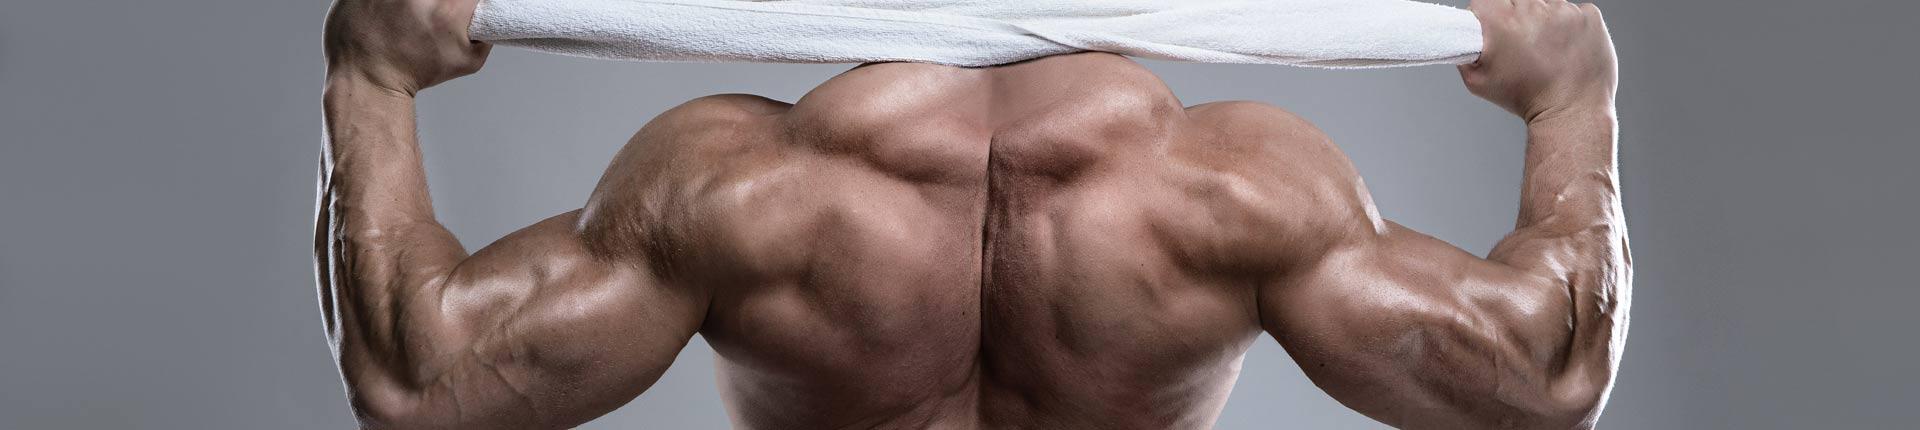 Jak poprawić funkcjonalność mieśni grzbietu oraz grubość pleców?